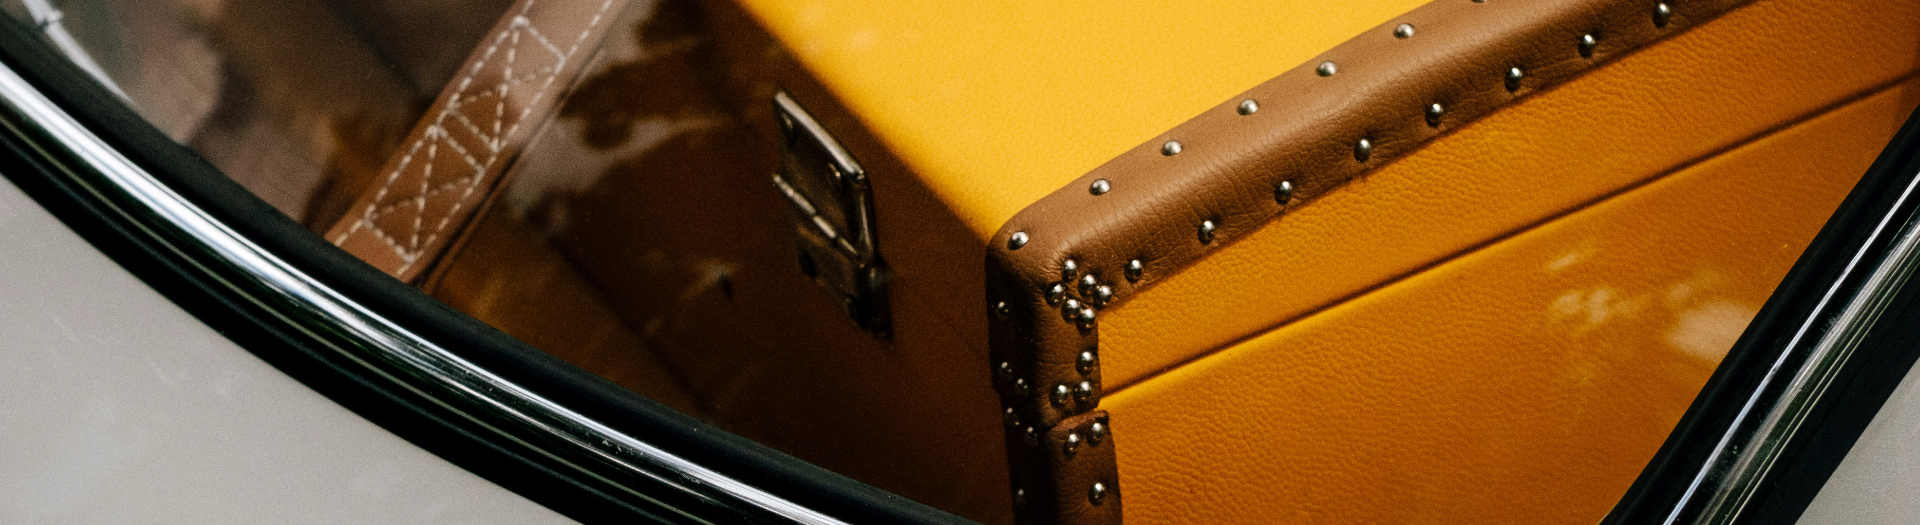 Modern Brands luxury man header 1920